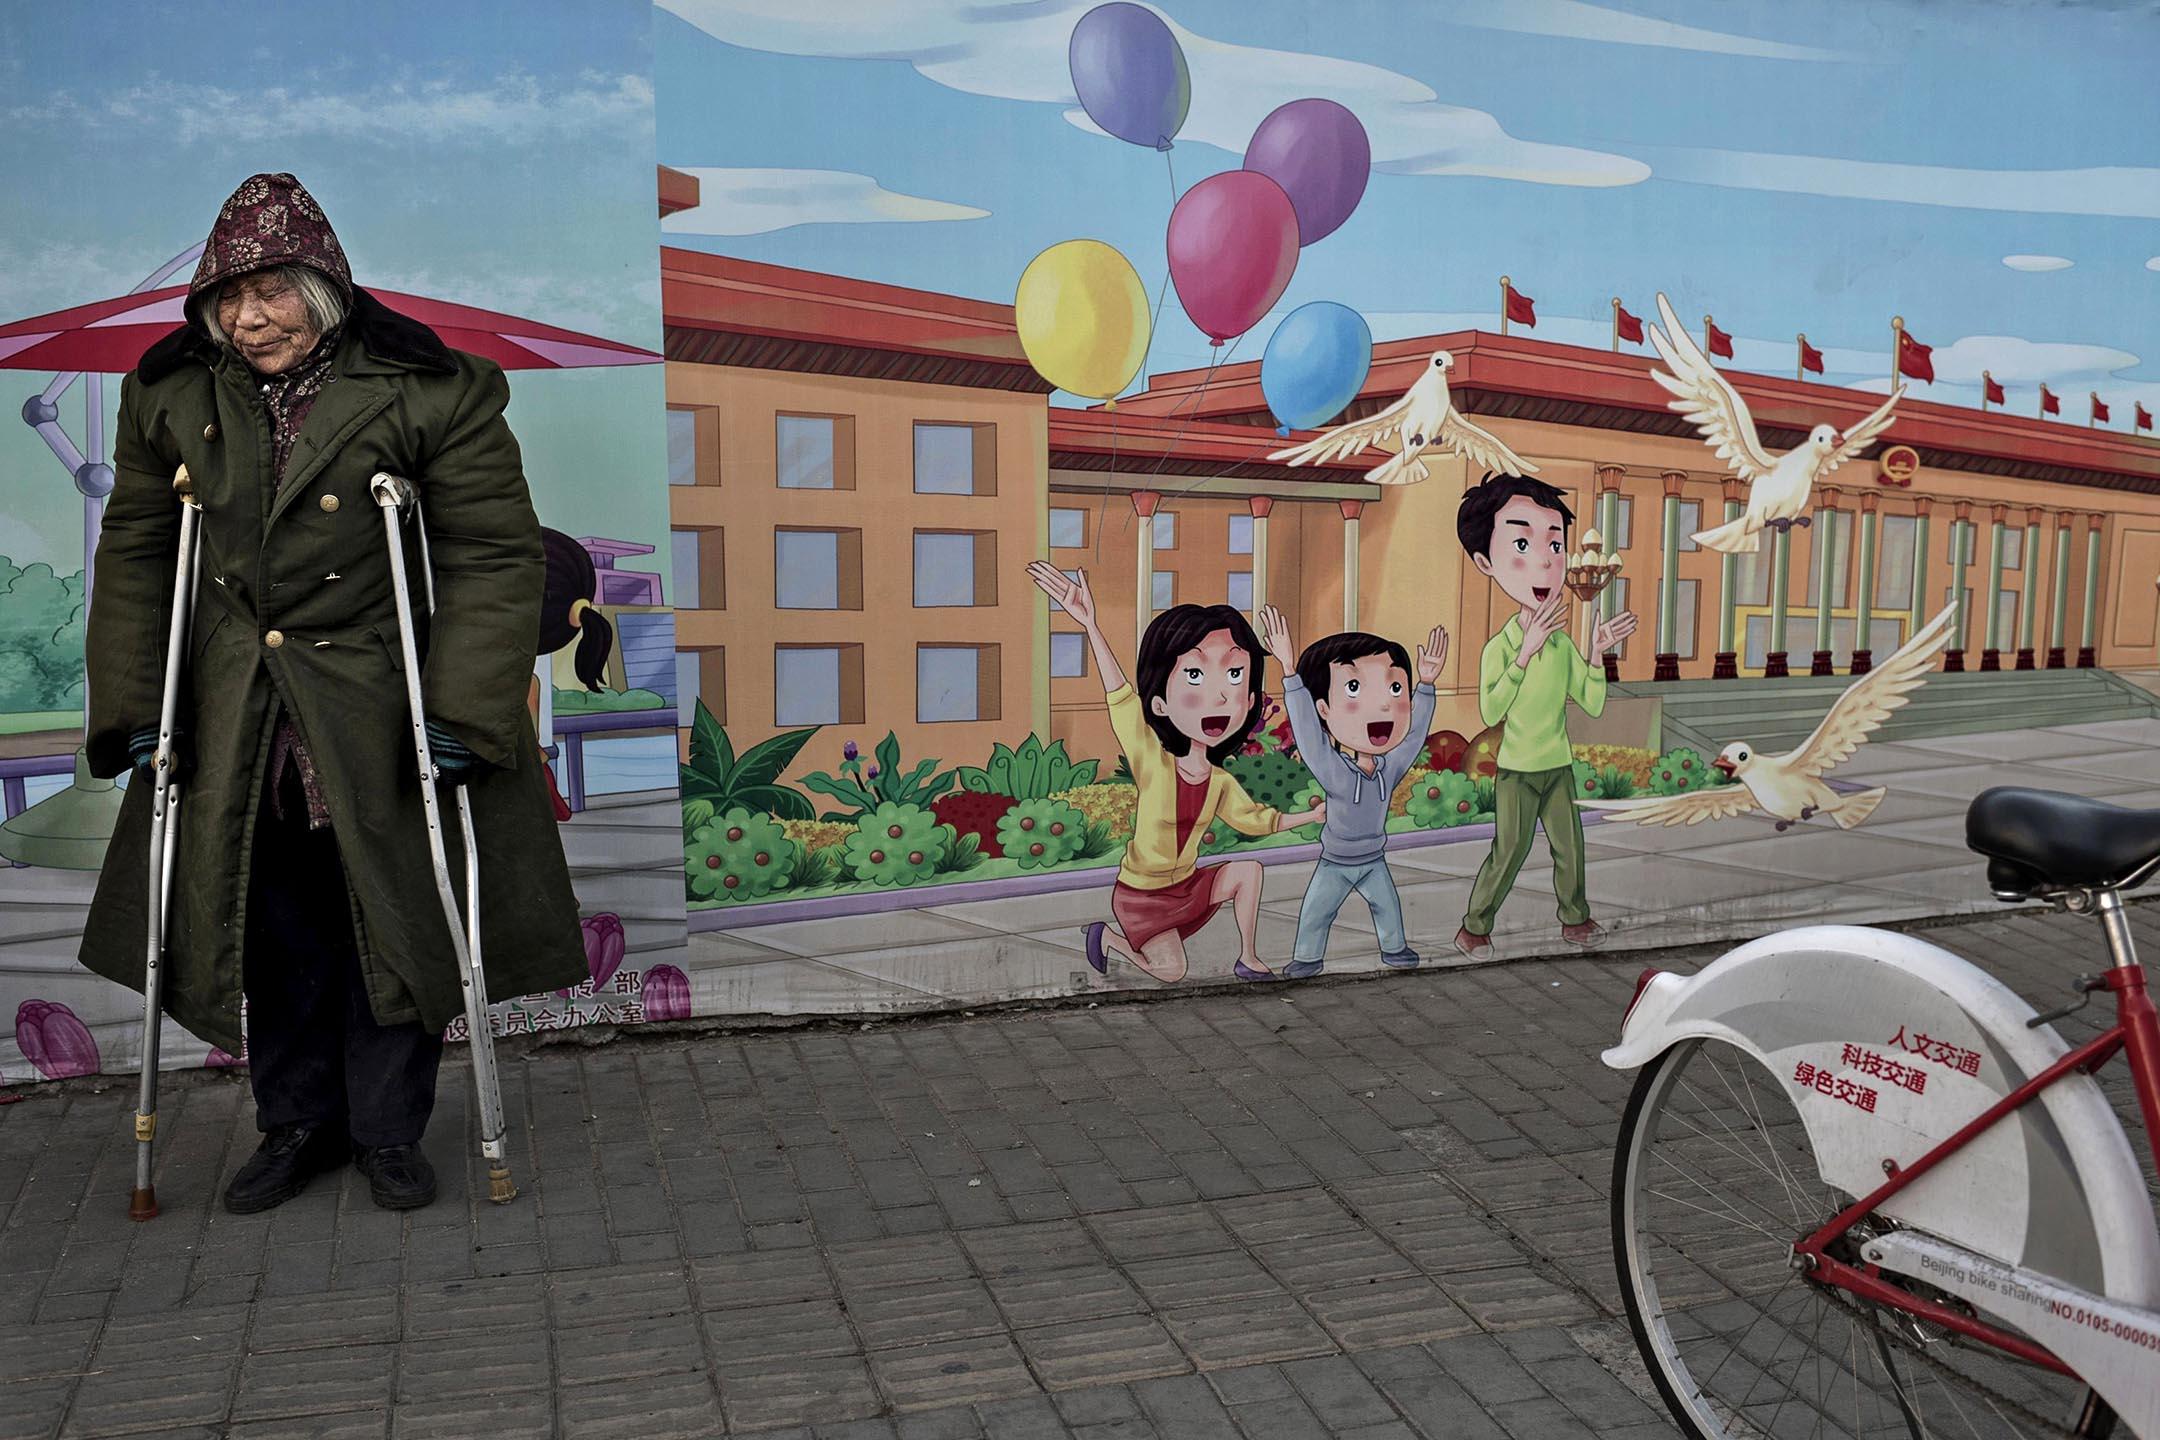 2014年12月1日北京,一位殘疾老人在街道站立在政府的宣傳廣告牌旁。